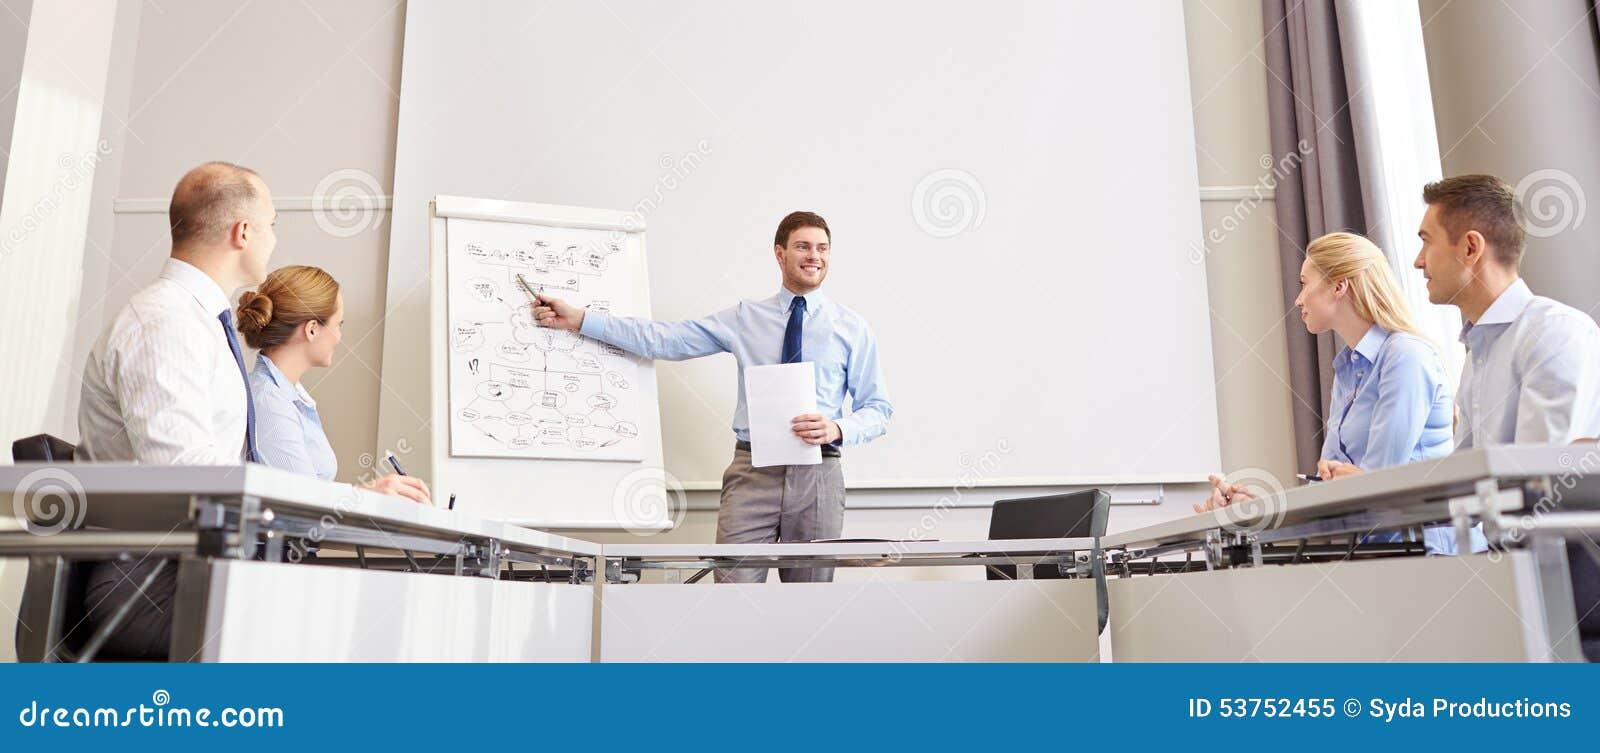 Grupo de empresarios sonrientes que se encuentran en oficina